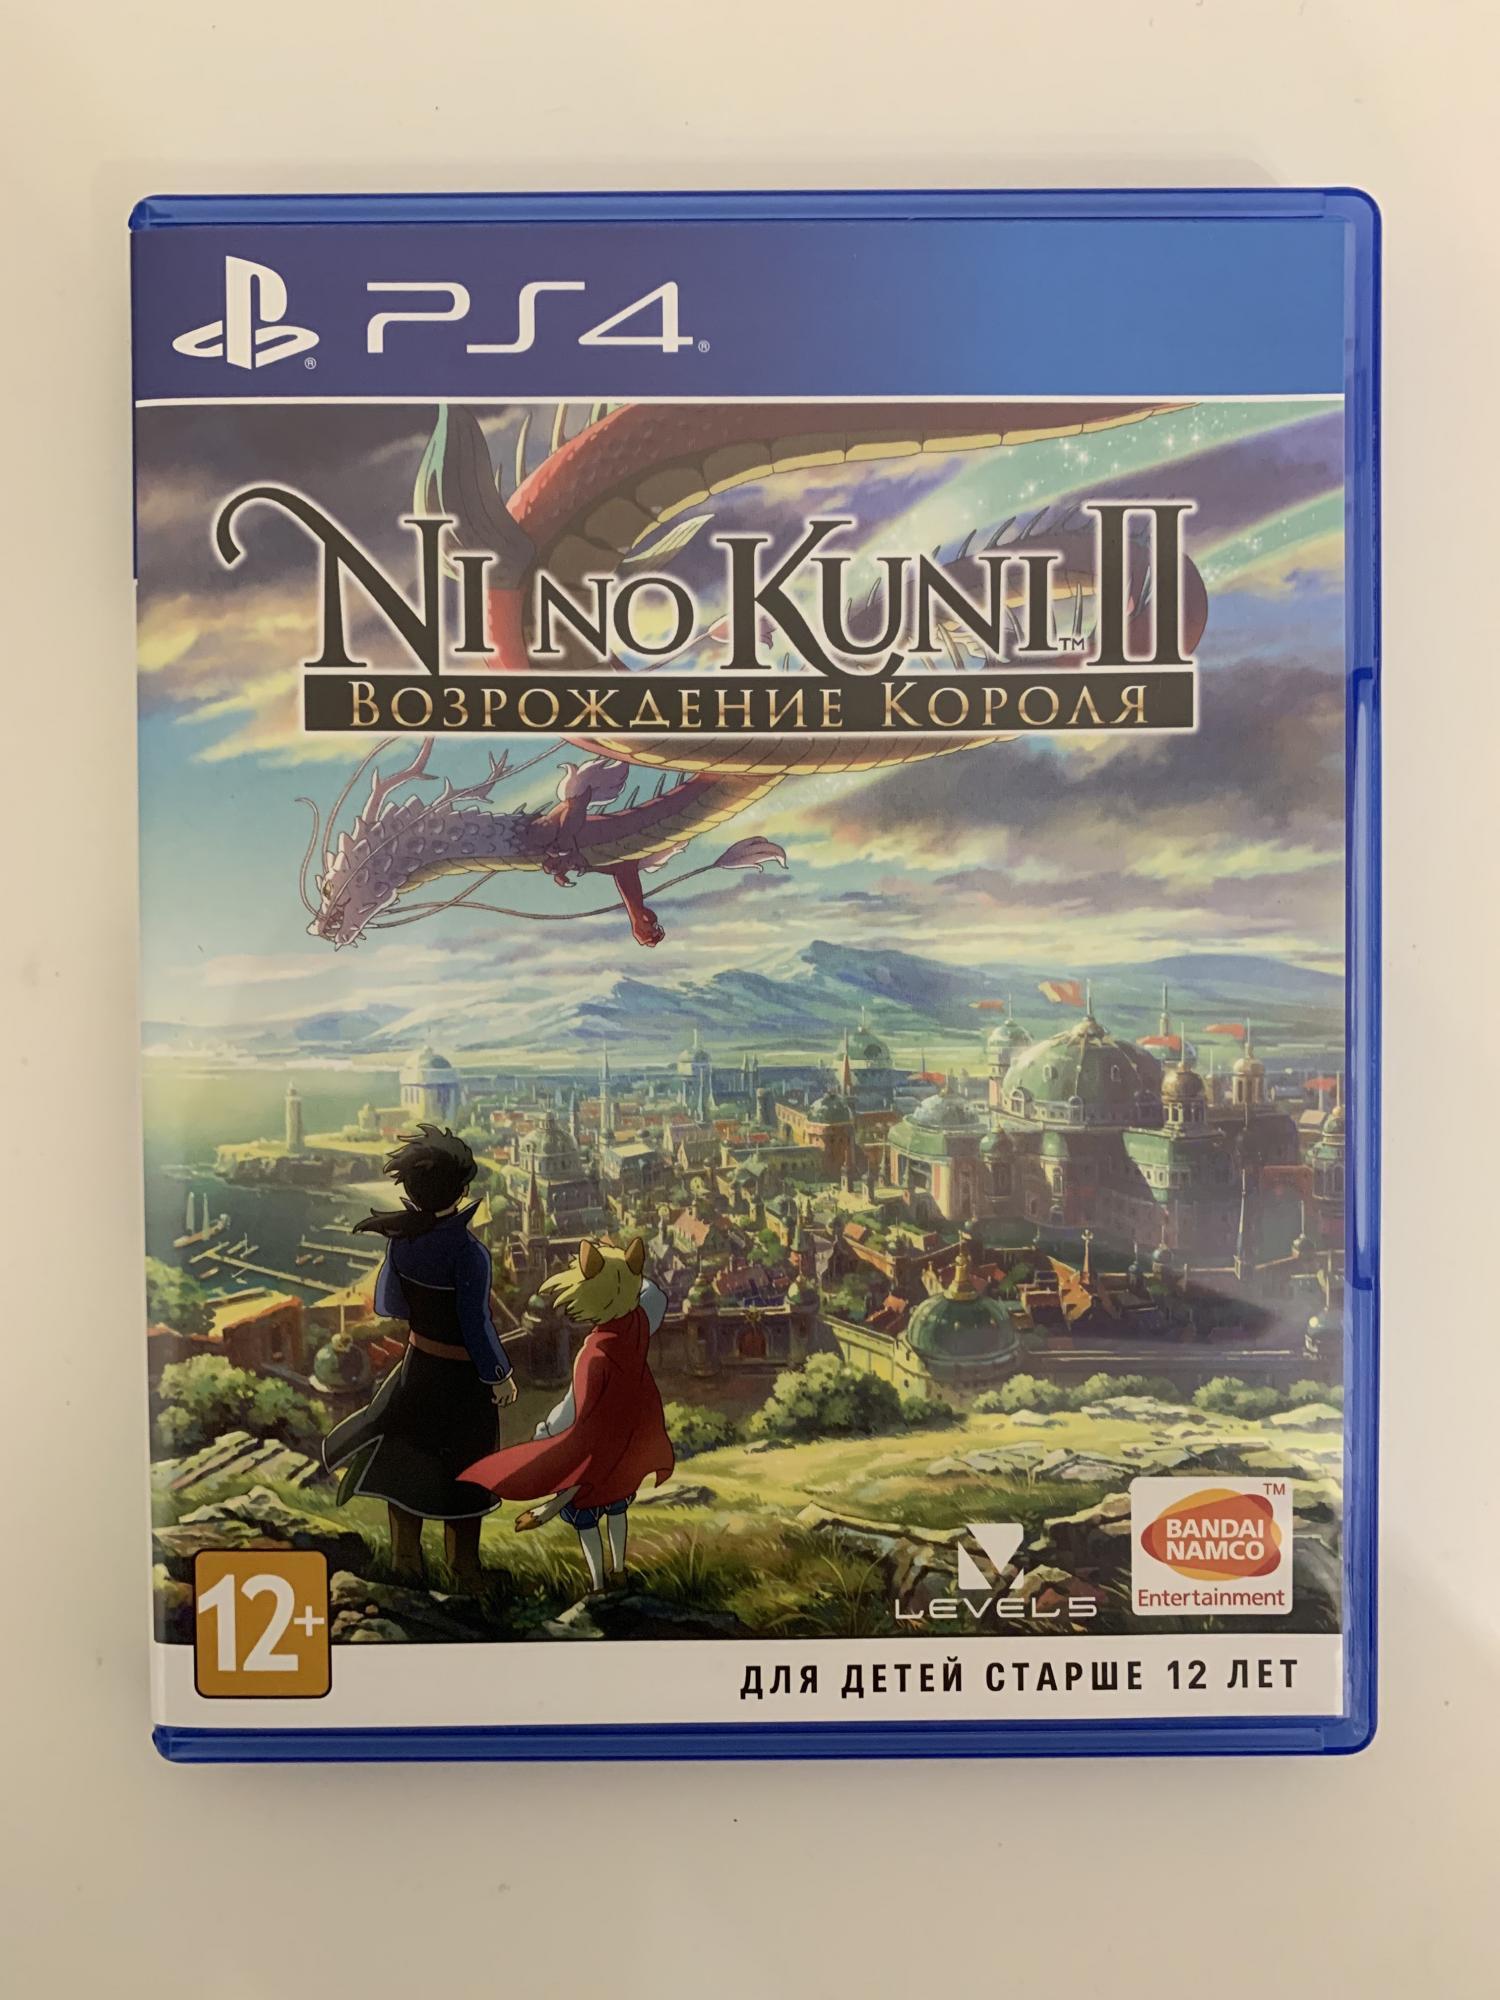 Ni no Kuni II: Возрождение Короля (PS4) в Москве 89685757880 купить 1